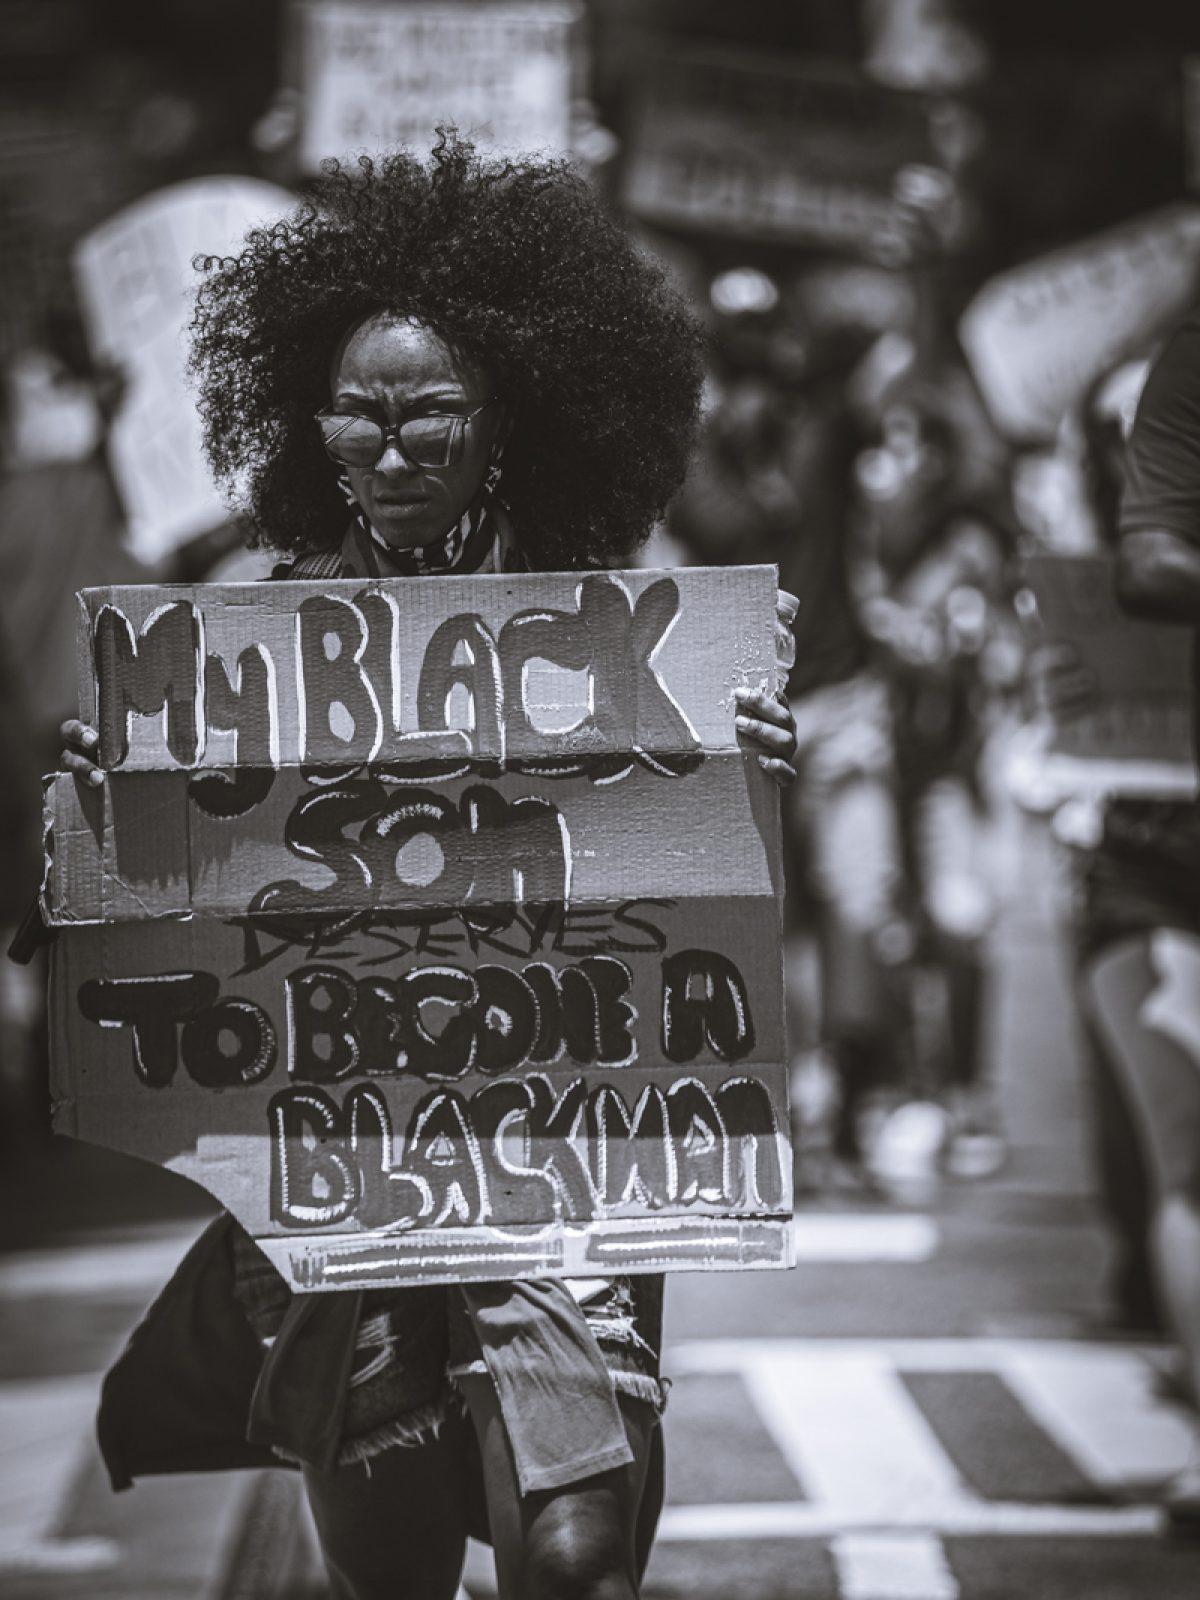 atlanta protests, black lives matter, revolution to end racism, end police brutality, justice for george floyd, I cant breathe